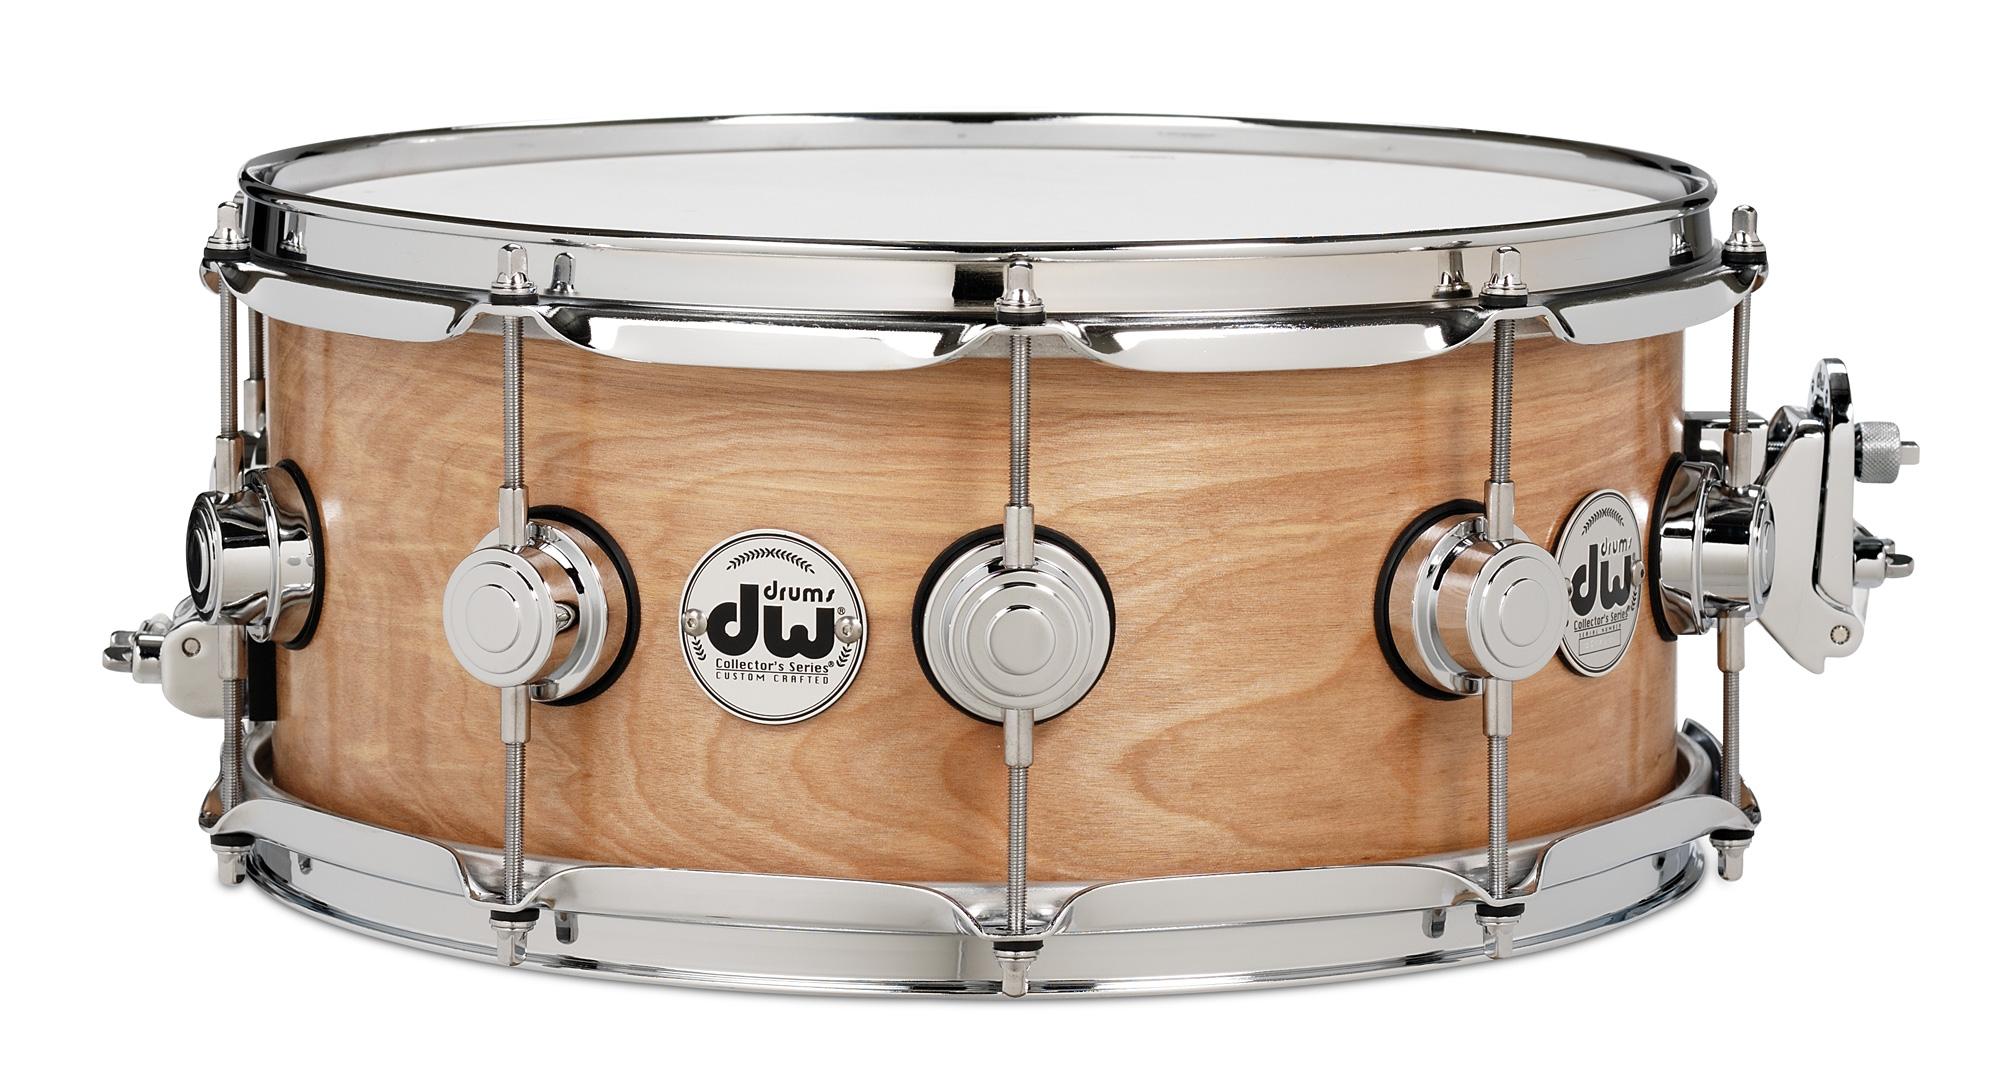 12 snare drums roundup compactdrums. Black Bedroom Furniture Sets. Home Design Ideas